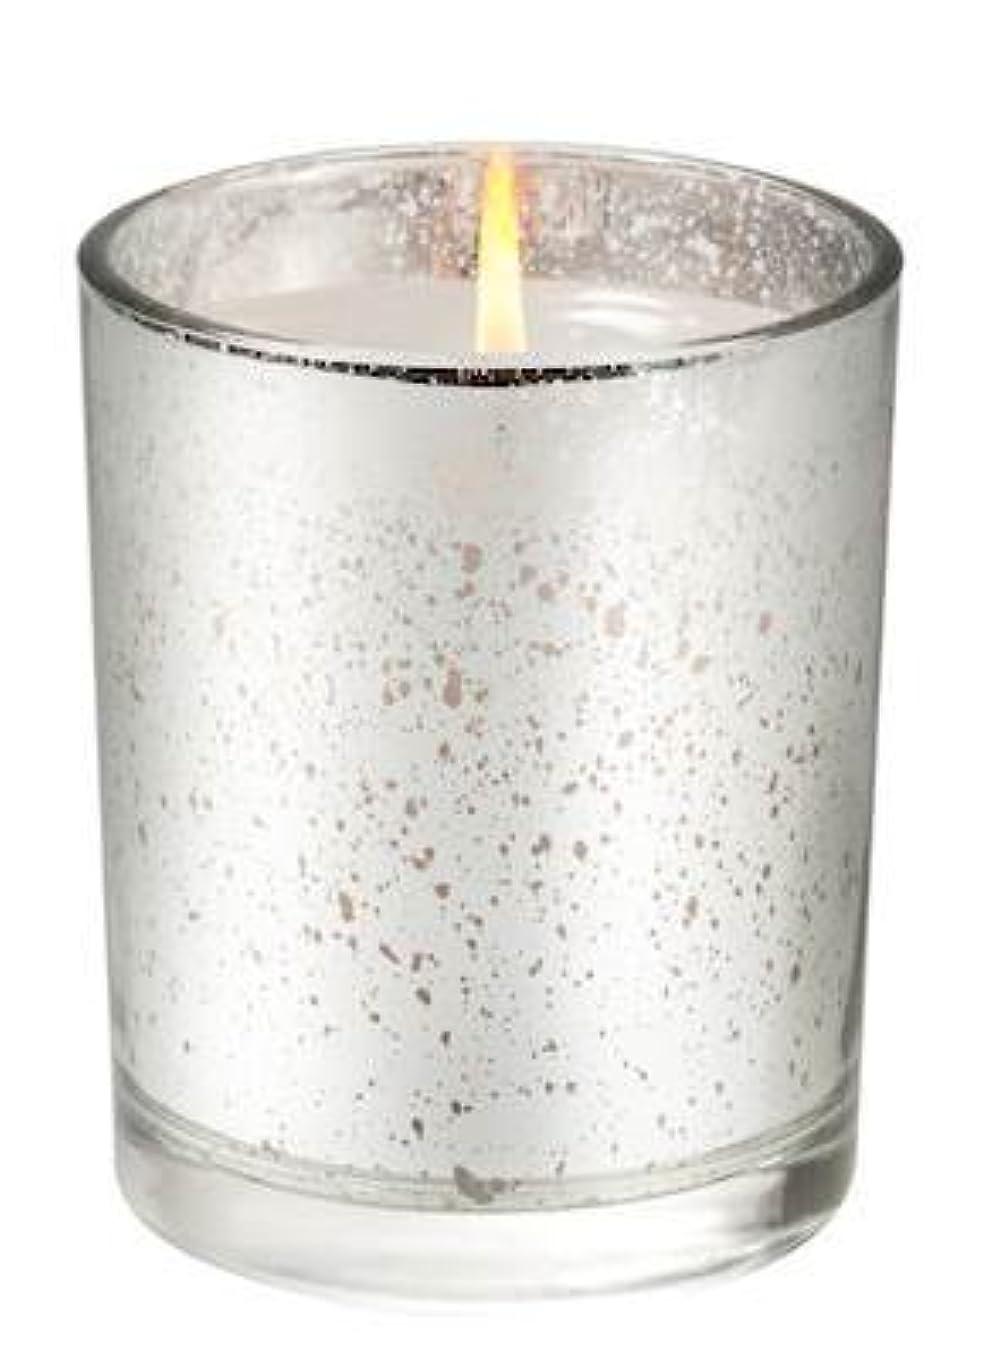 ラブ集団的南方のSmell of Spring 370ml (354g) Metallic Candle